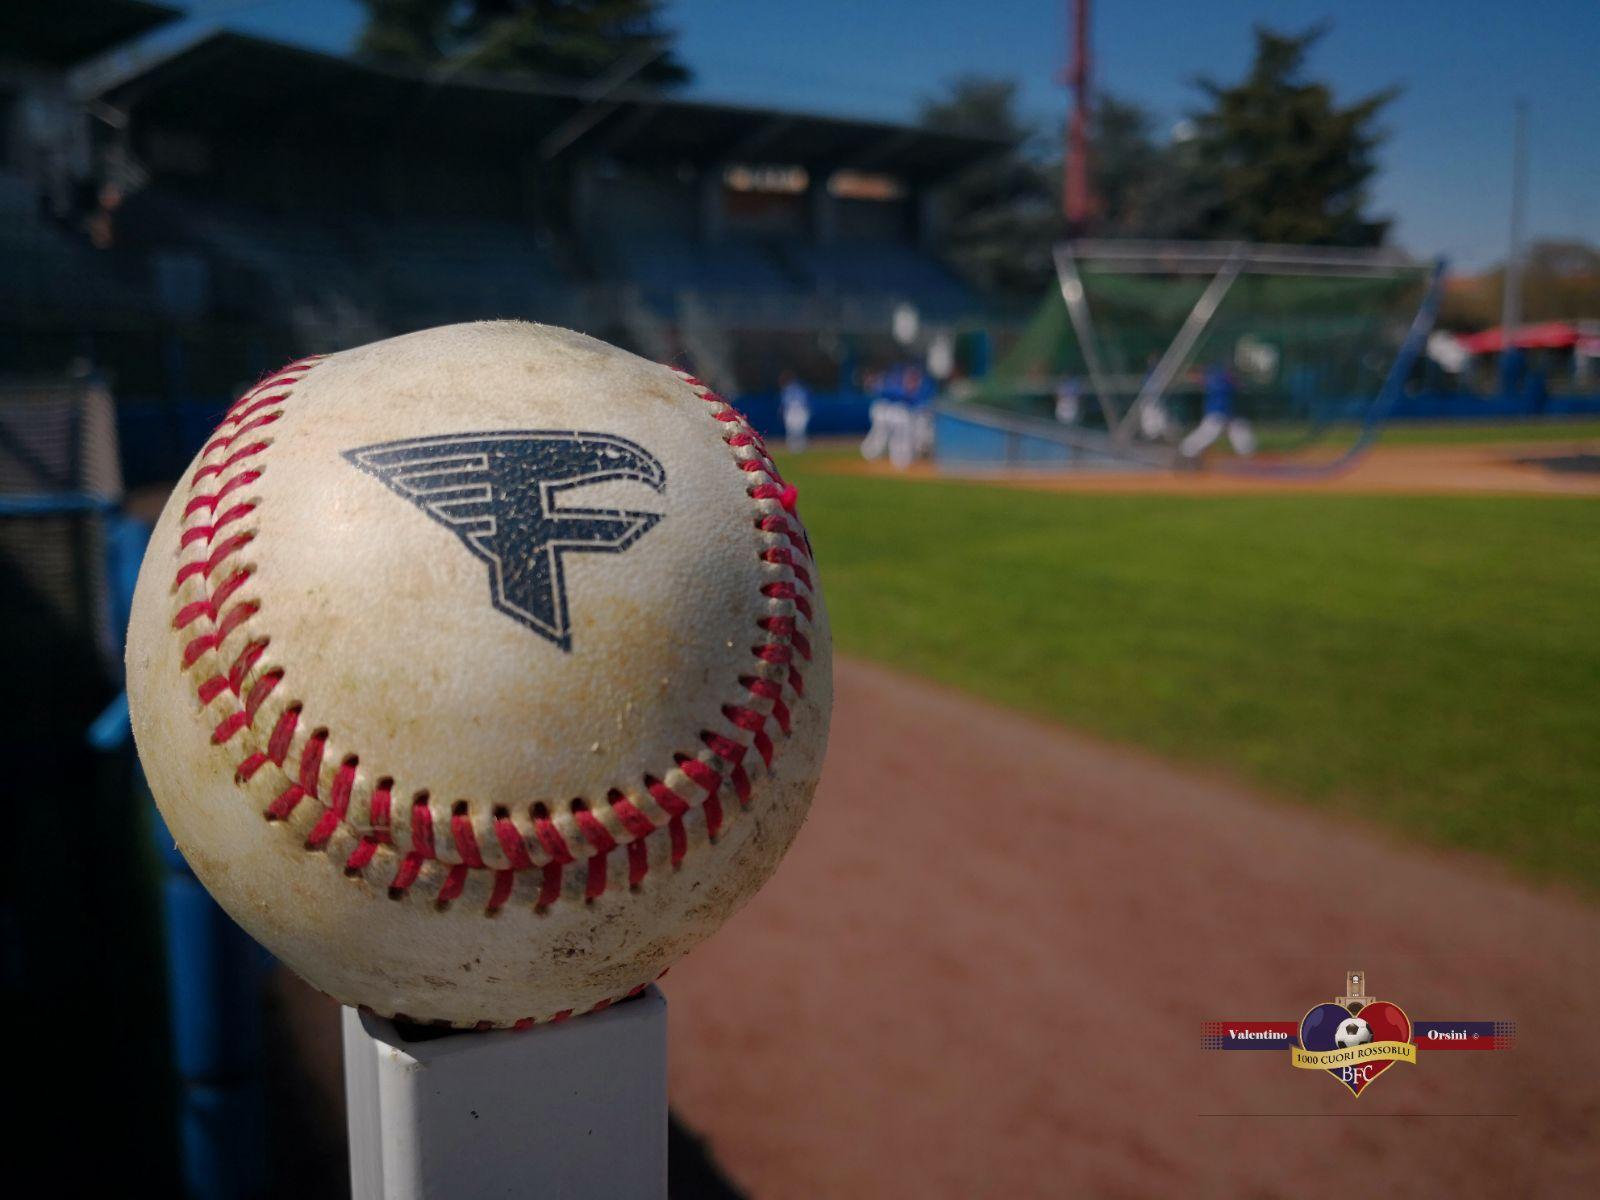 Baseball – Ufficializzate le amichevoli pre-season della EFFE